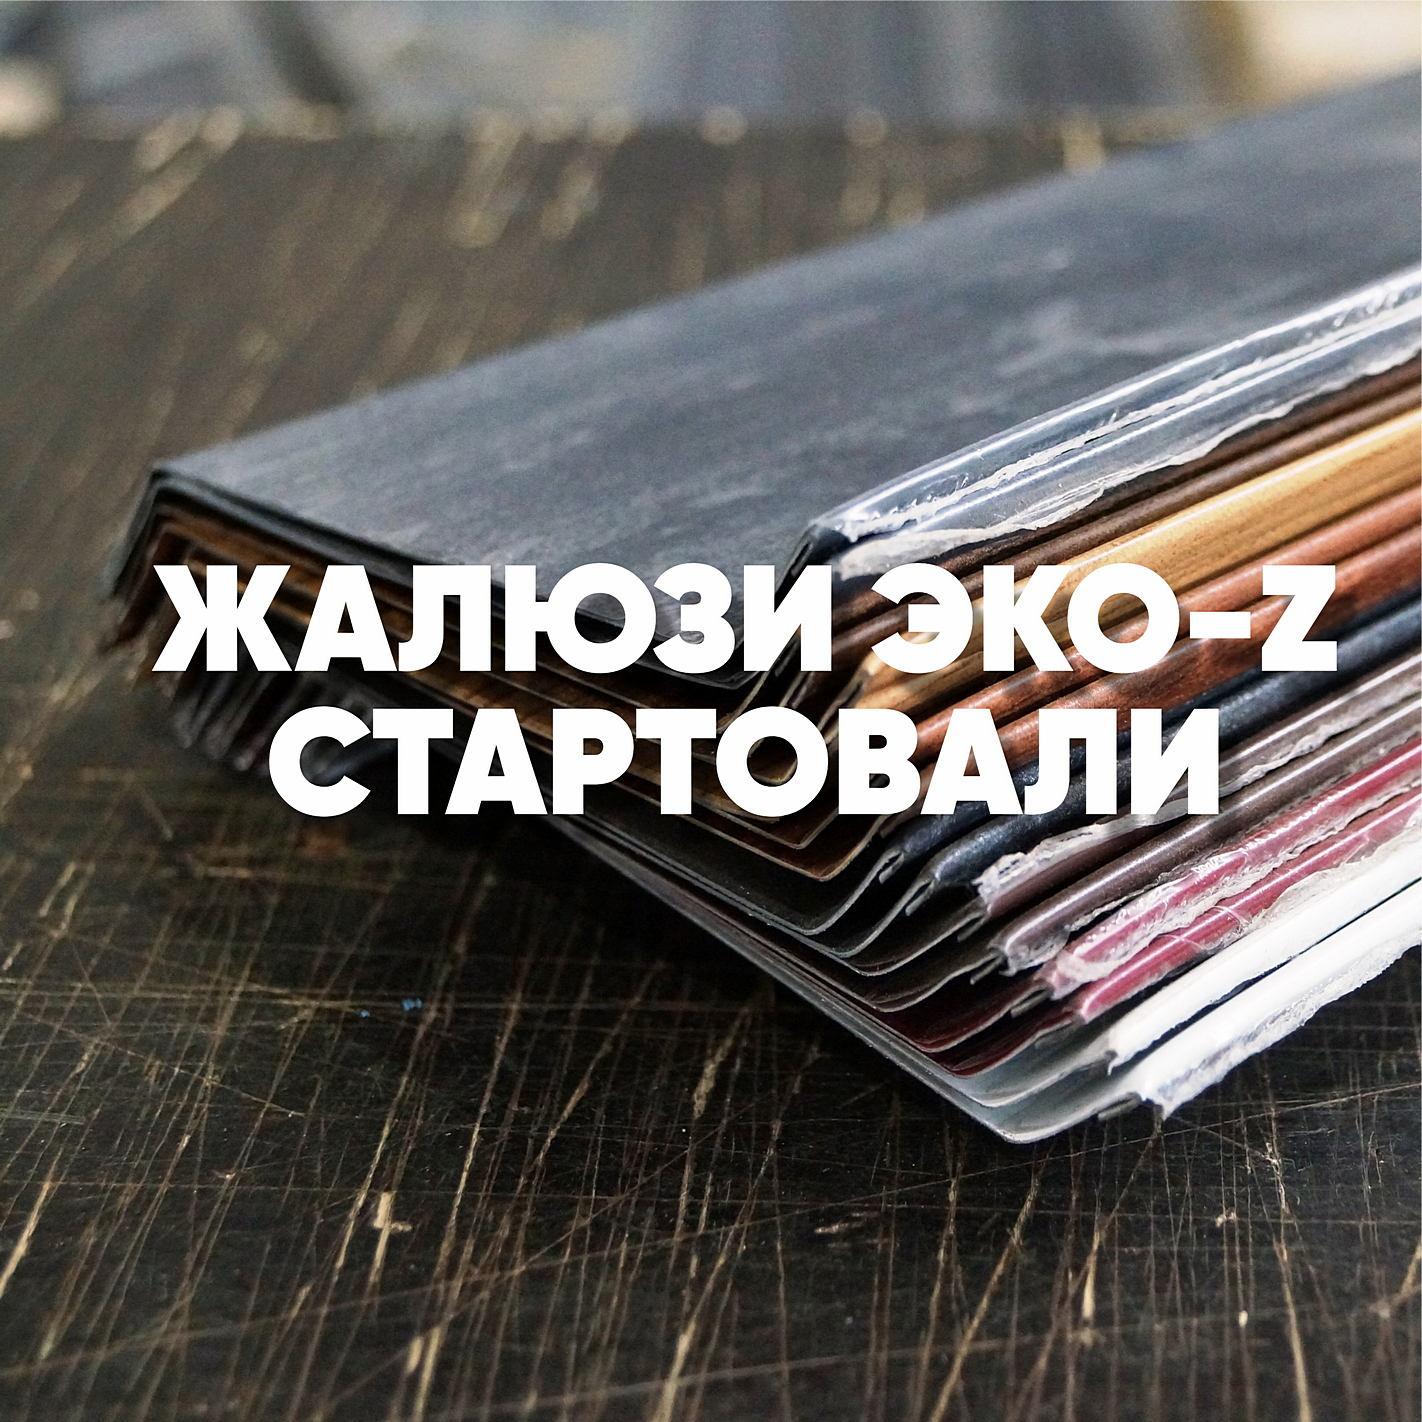 ЭКО-Z жалюзи заборы-жалюзи новинка-0